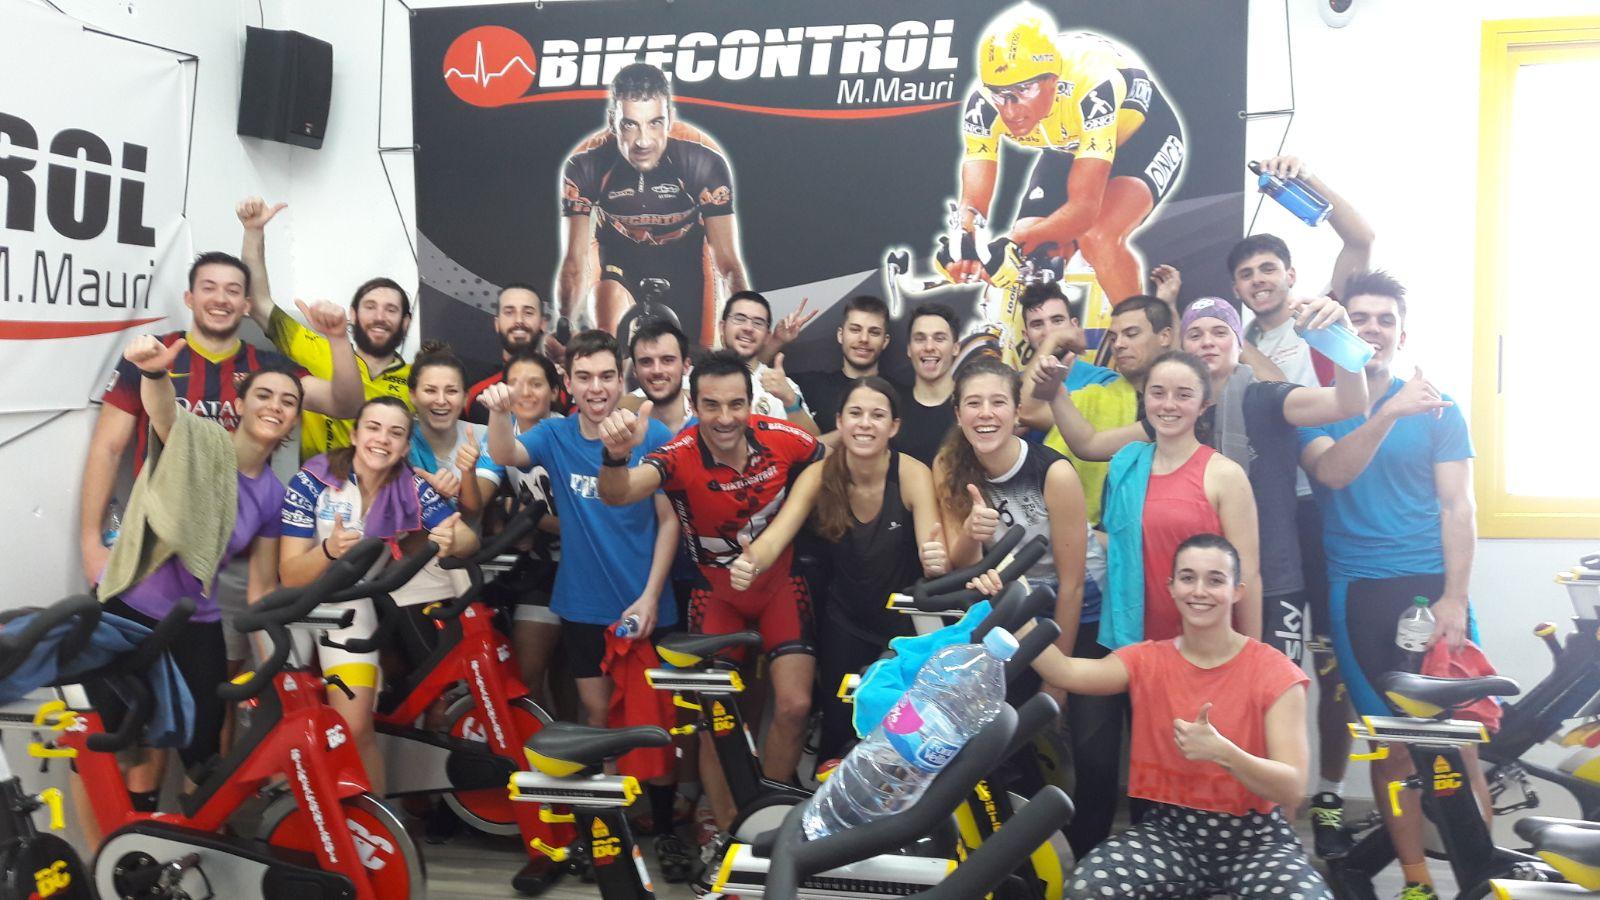 Els alumnes de 3r de CAFE d'EUSES realitzen tres activitats de ciclo indoor i real ryder a les seus de Bikecontrol (Calonge), de l'UFEC (Salt) i del gimnàs Triops (Banyoles)